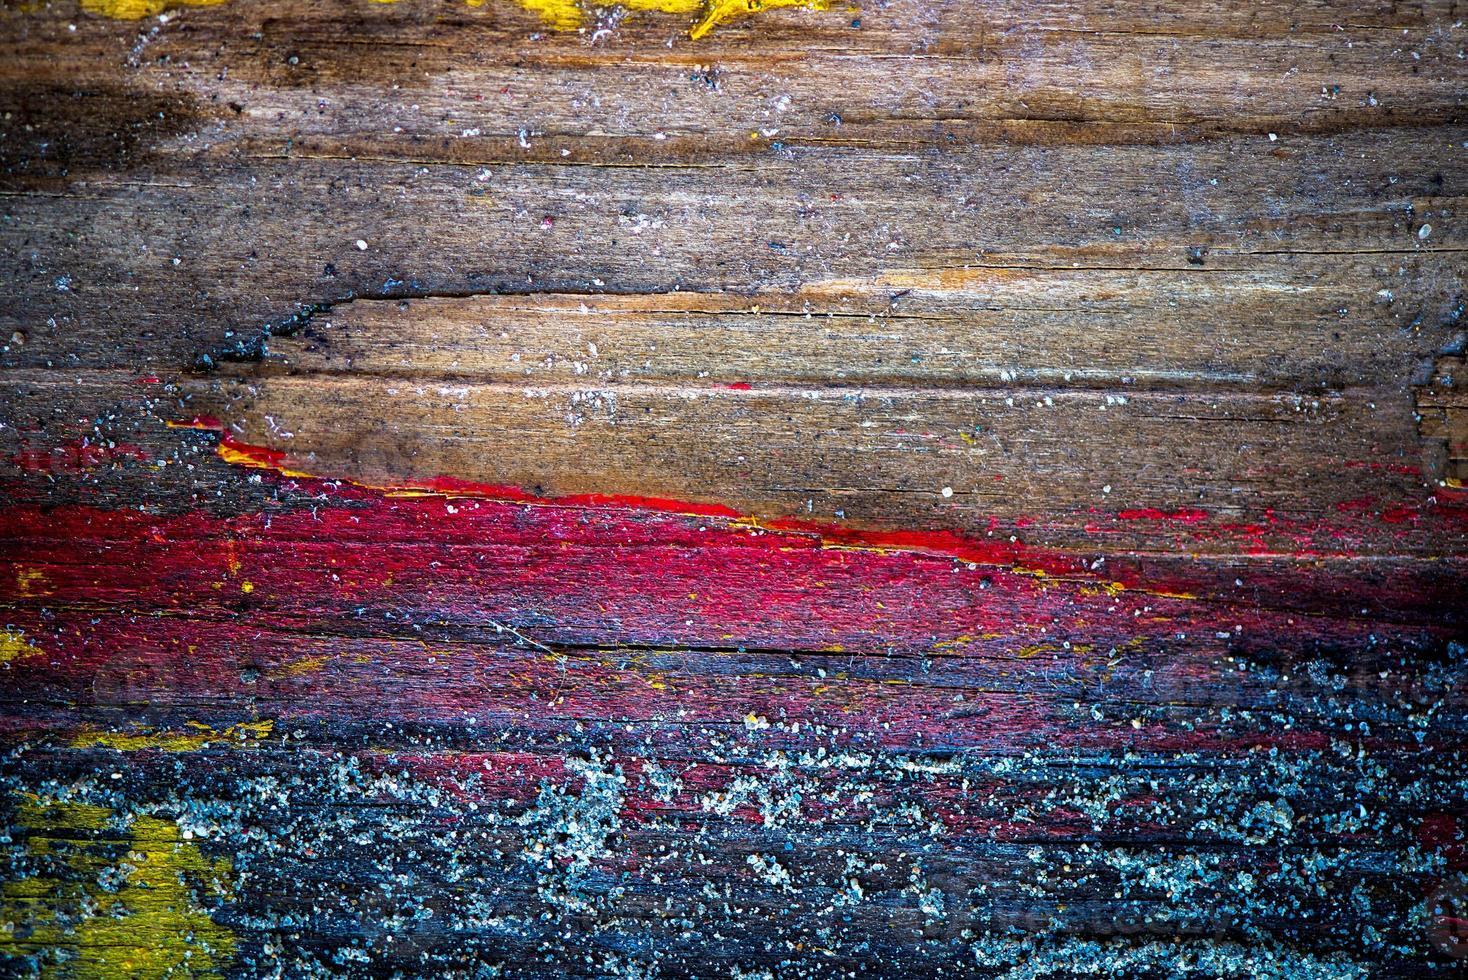 dipinto vecchio muro di legno con sabbia su di esso foto